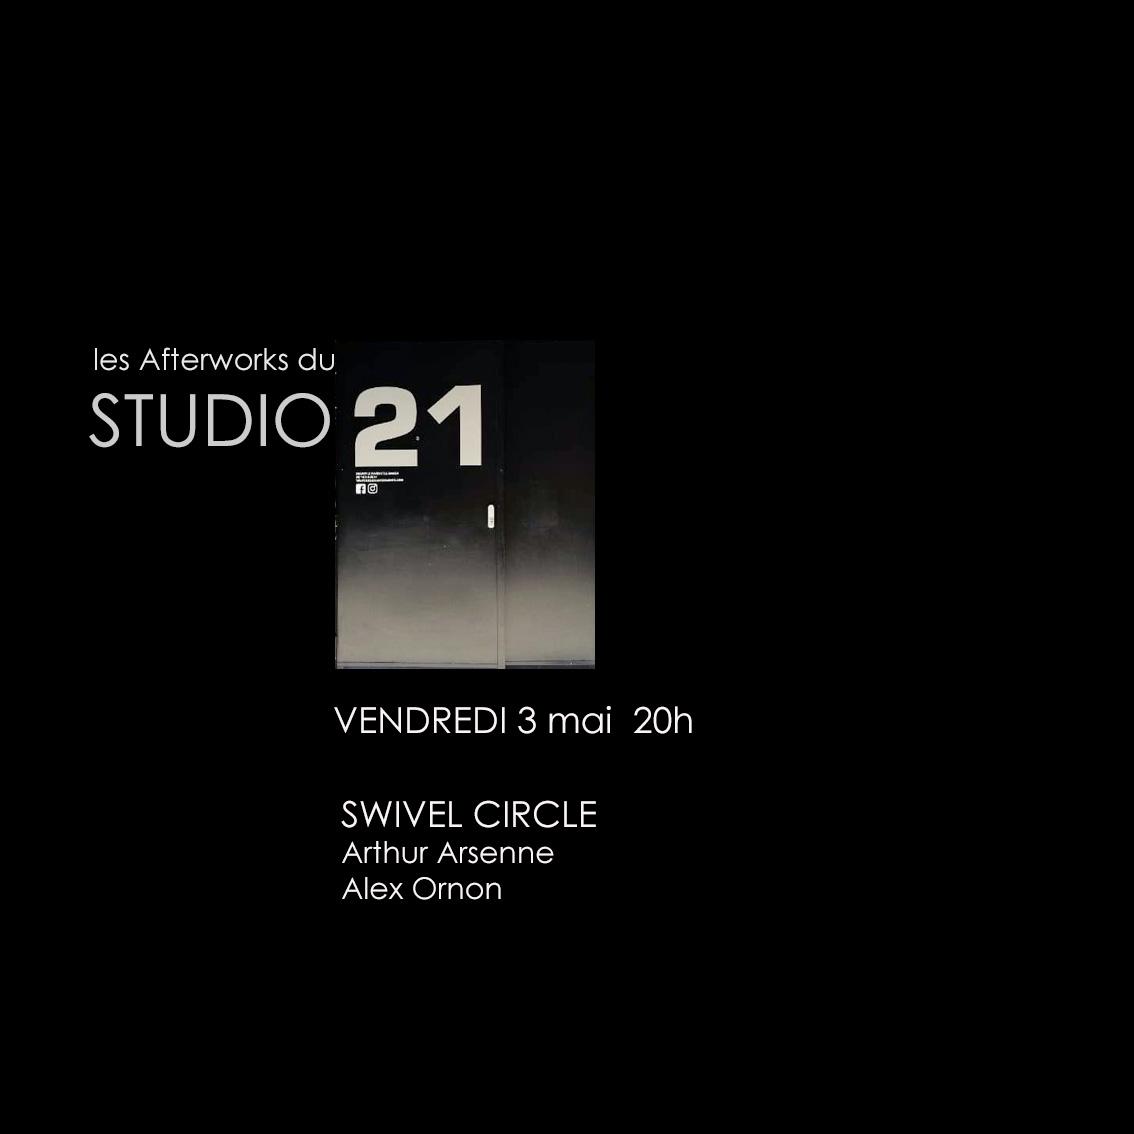 Afterwork 2 : Concert de Swivel Circle – Studio 21 / Espace Rossetti